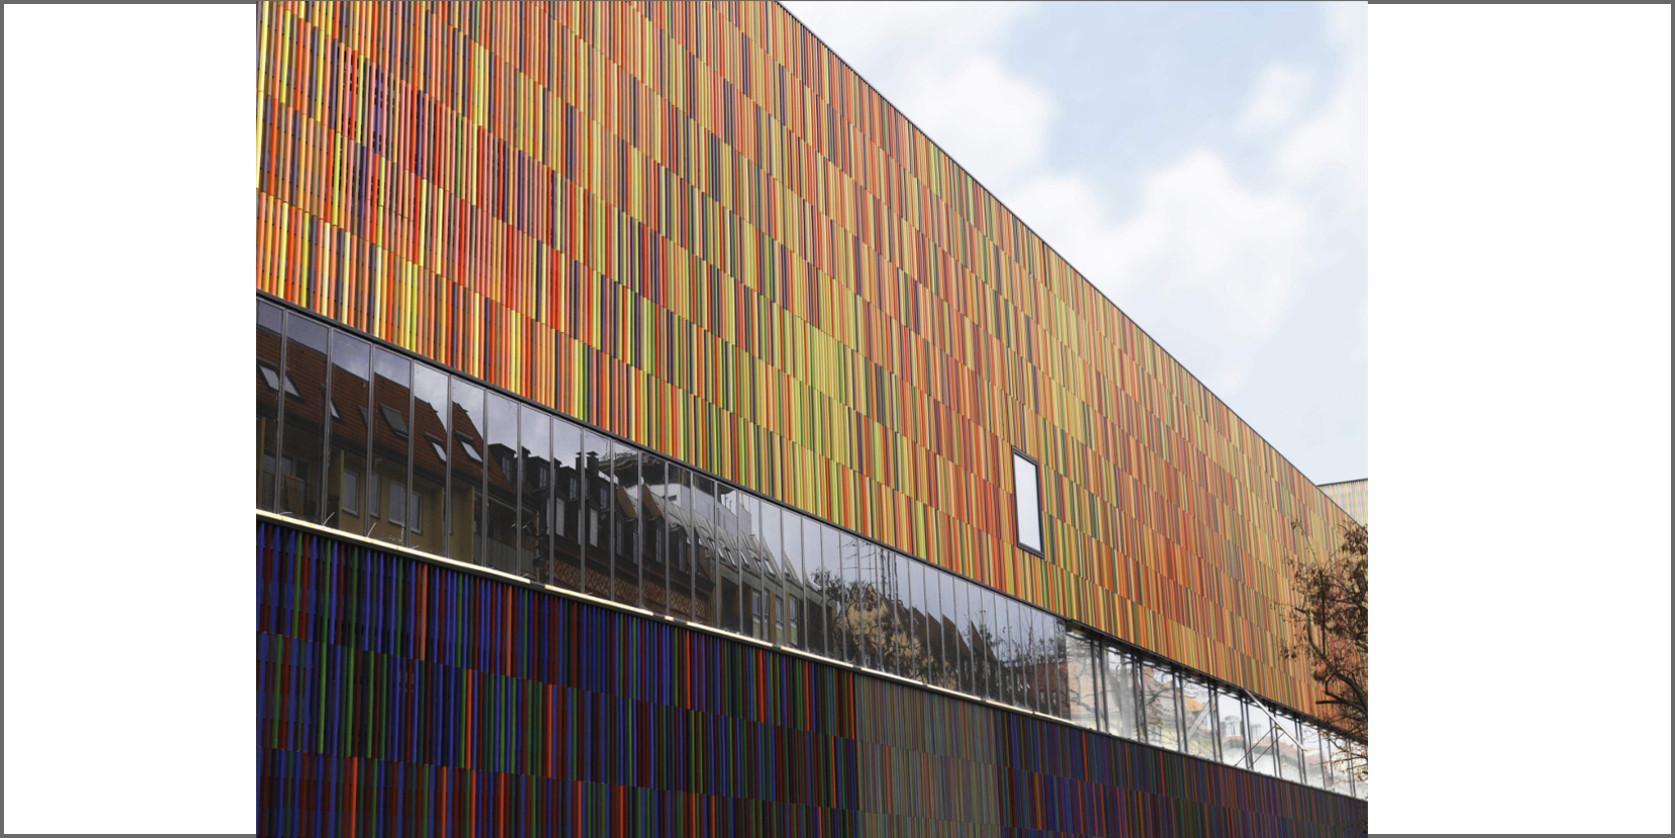 Facciata di un edificio colorato